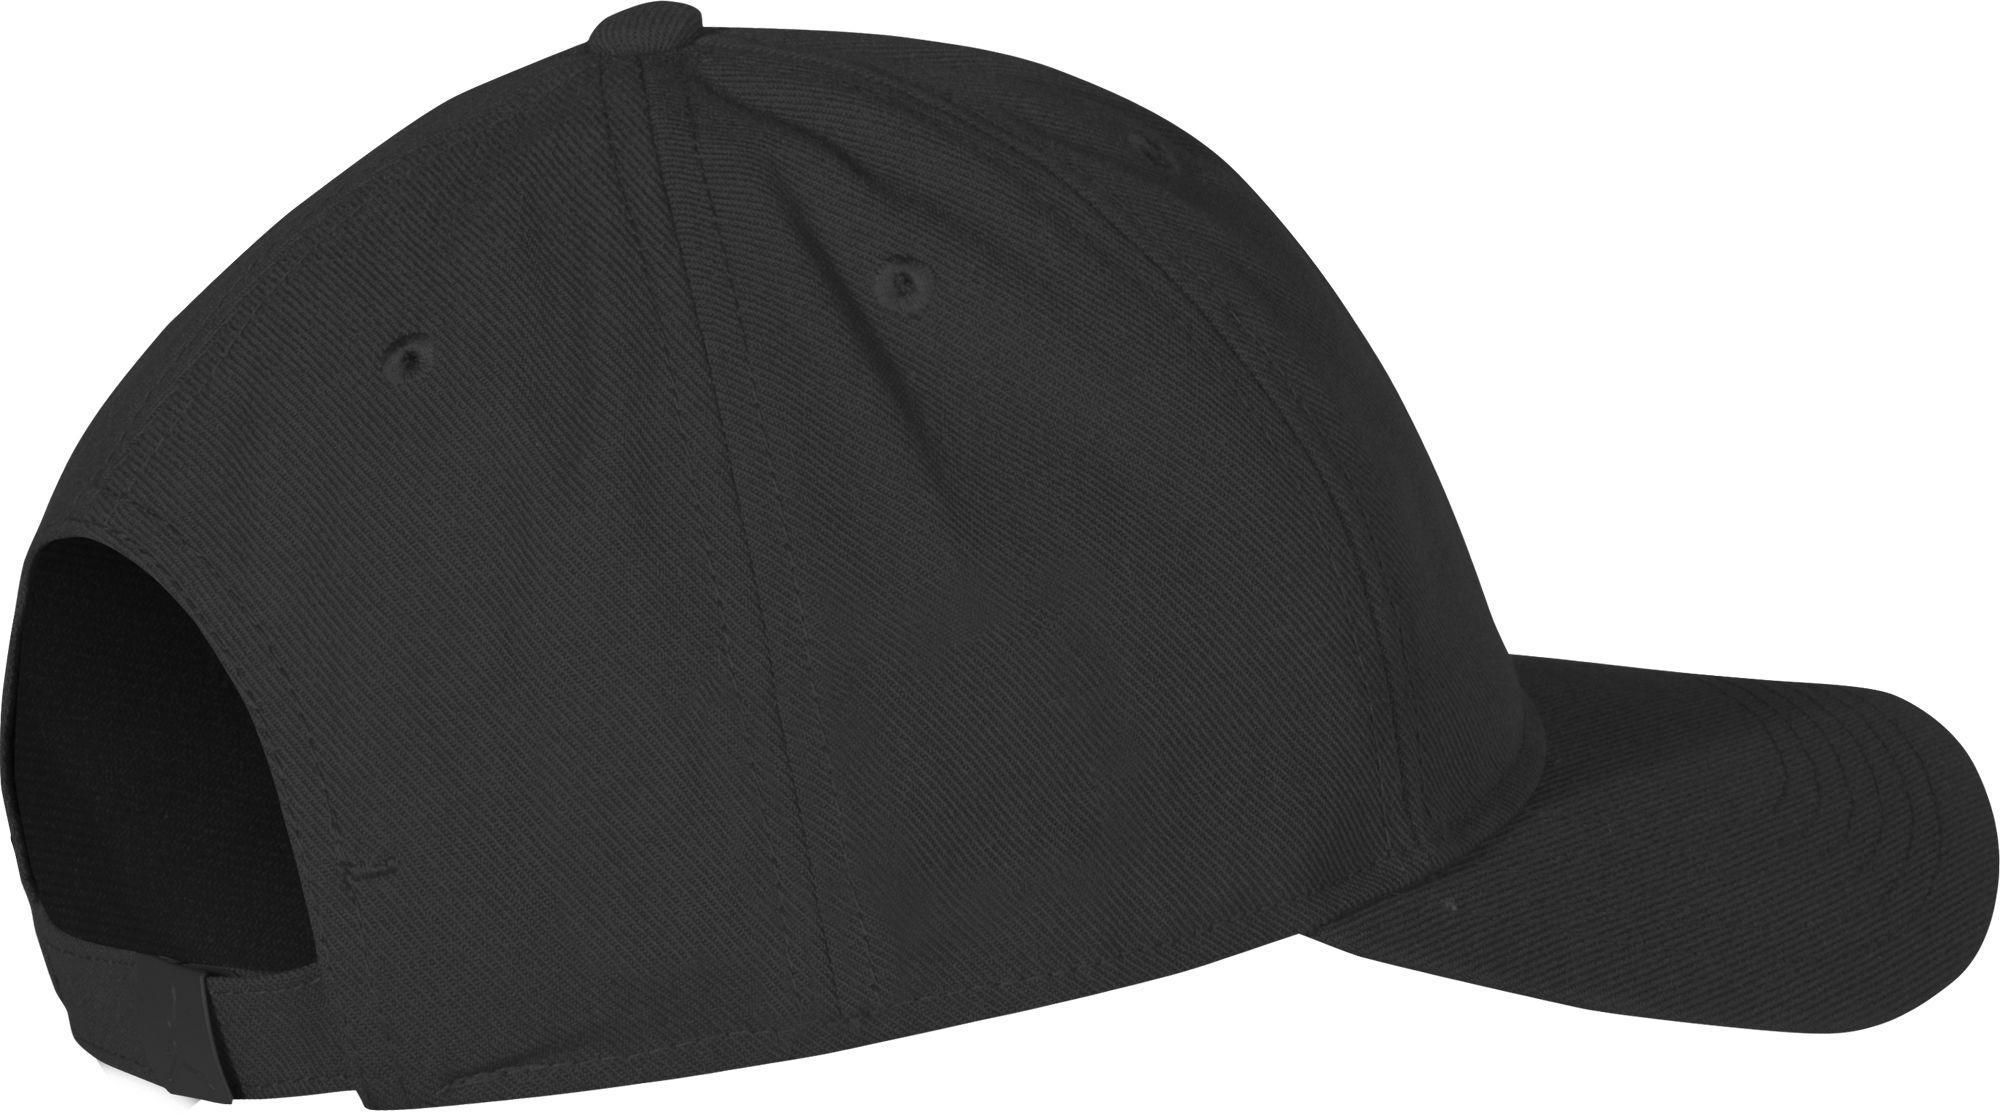 Lyst - Nike Jordan Boys  Jumpman Floppy Snapback Hat in Black for Men 1ae410aeef81